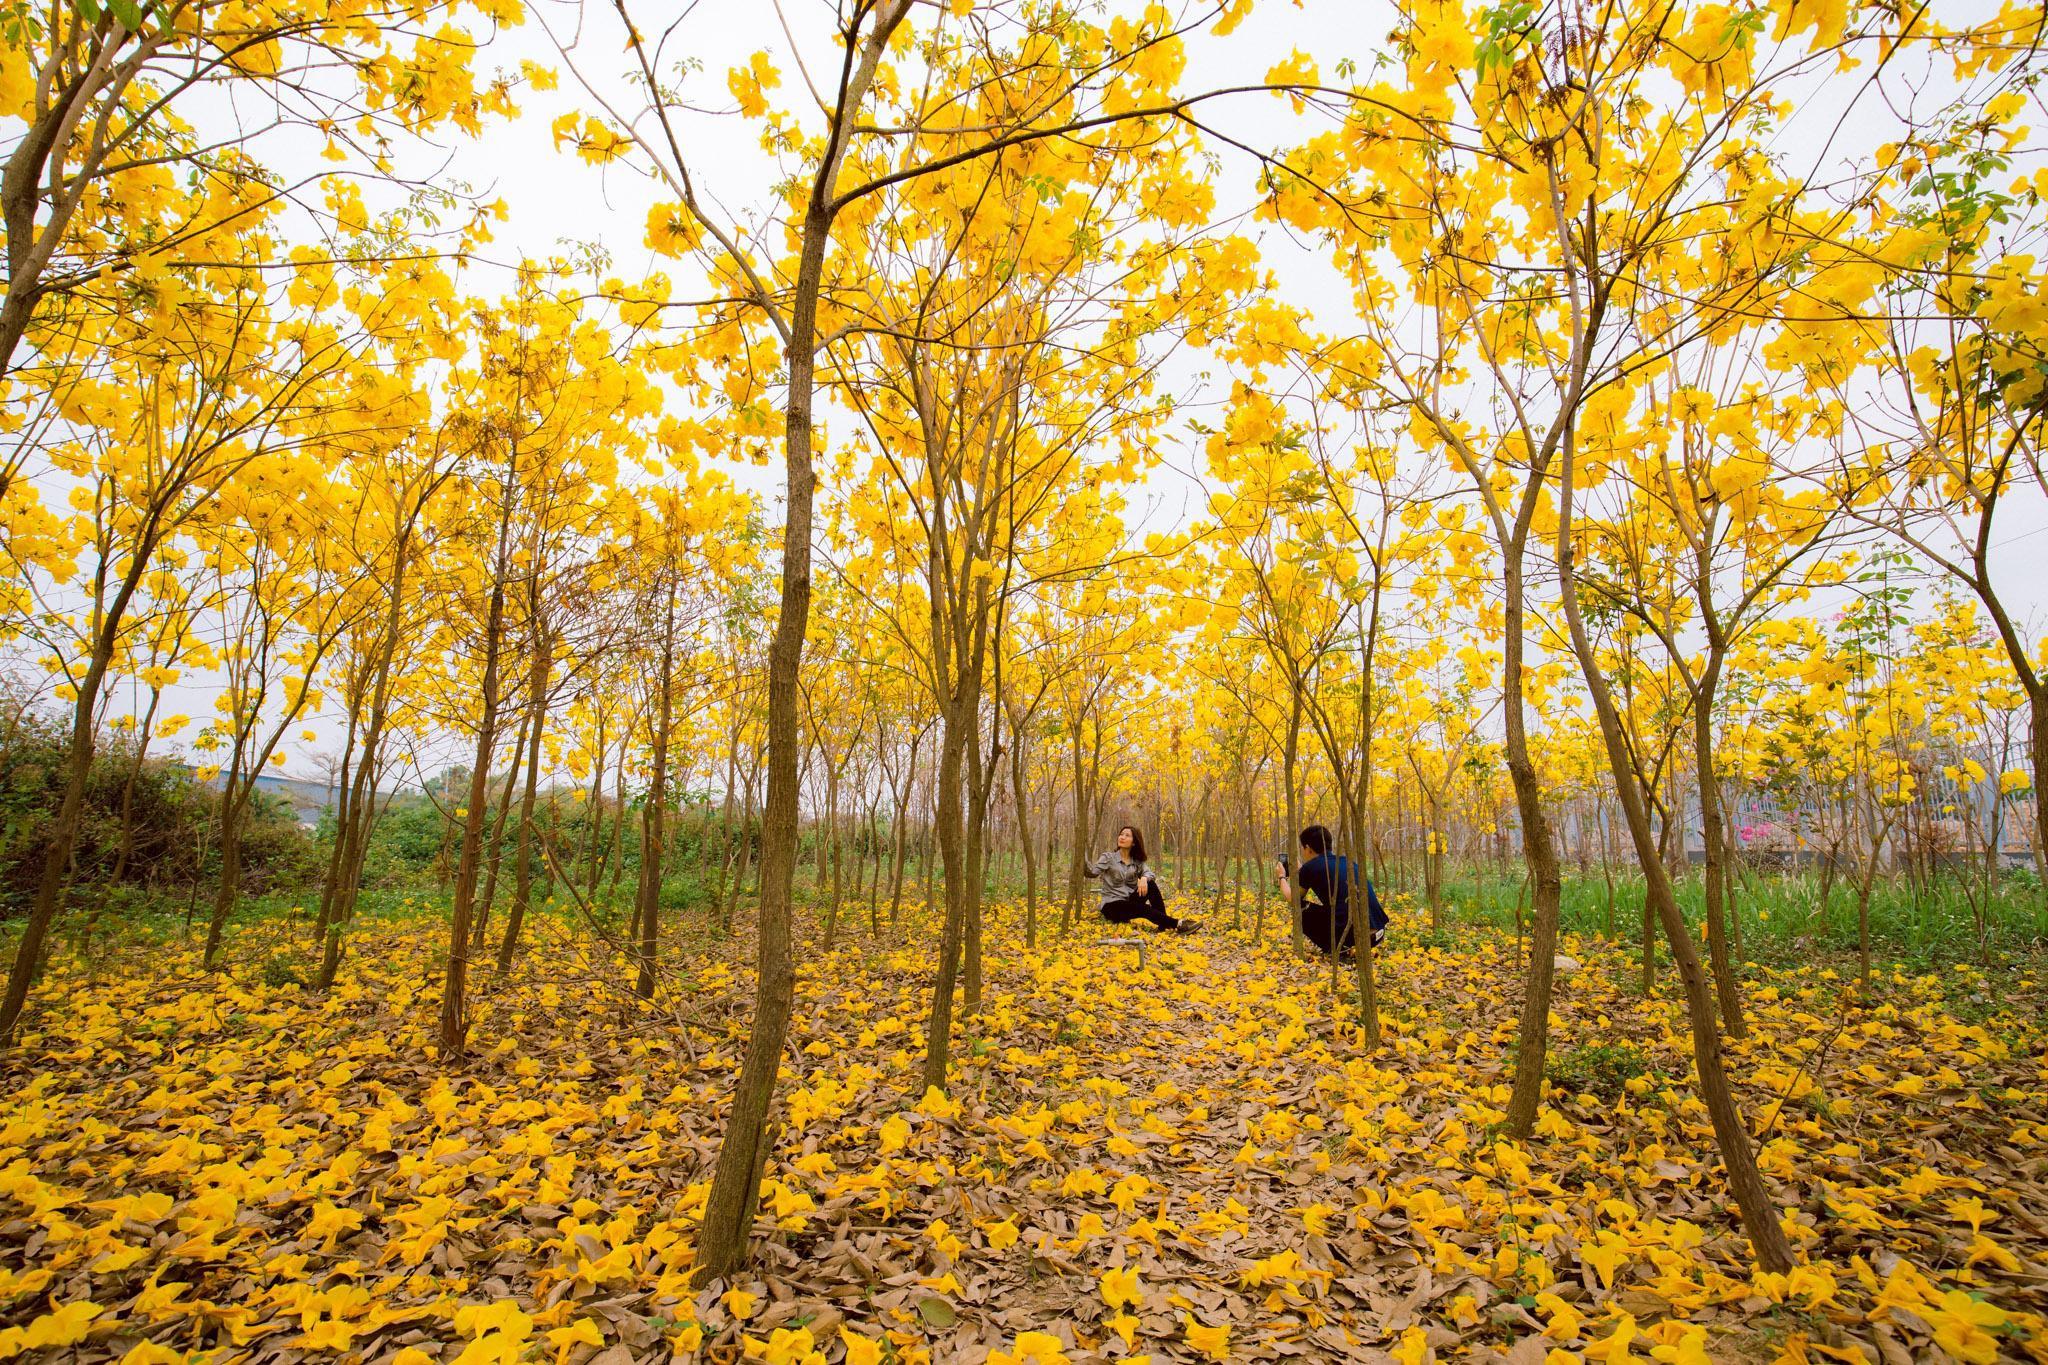 Vườn hoa phong linh nở sắc vàng rực rỡ đẹp tựa trời Âu ở Bắc Giang - Ảnh 7.